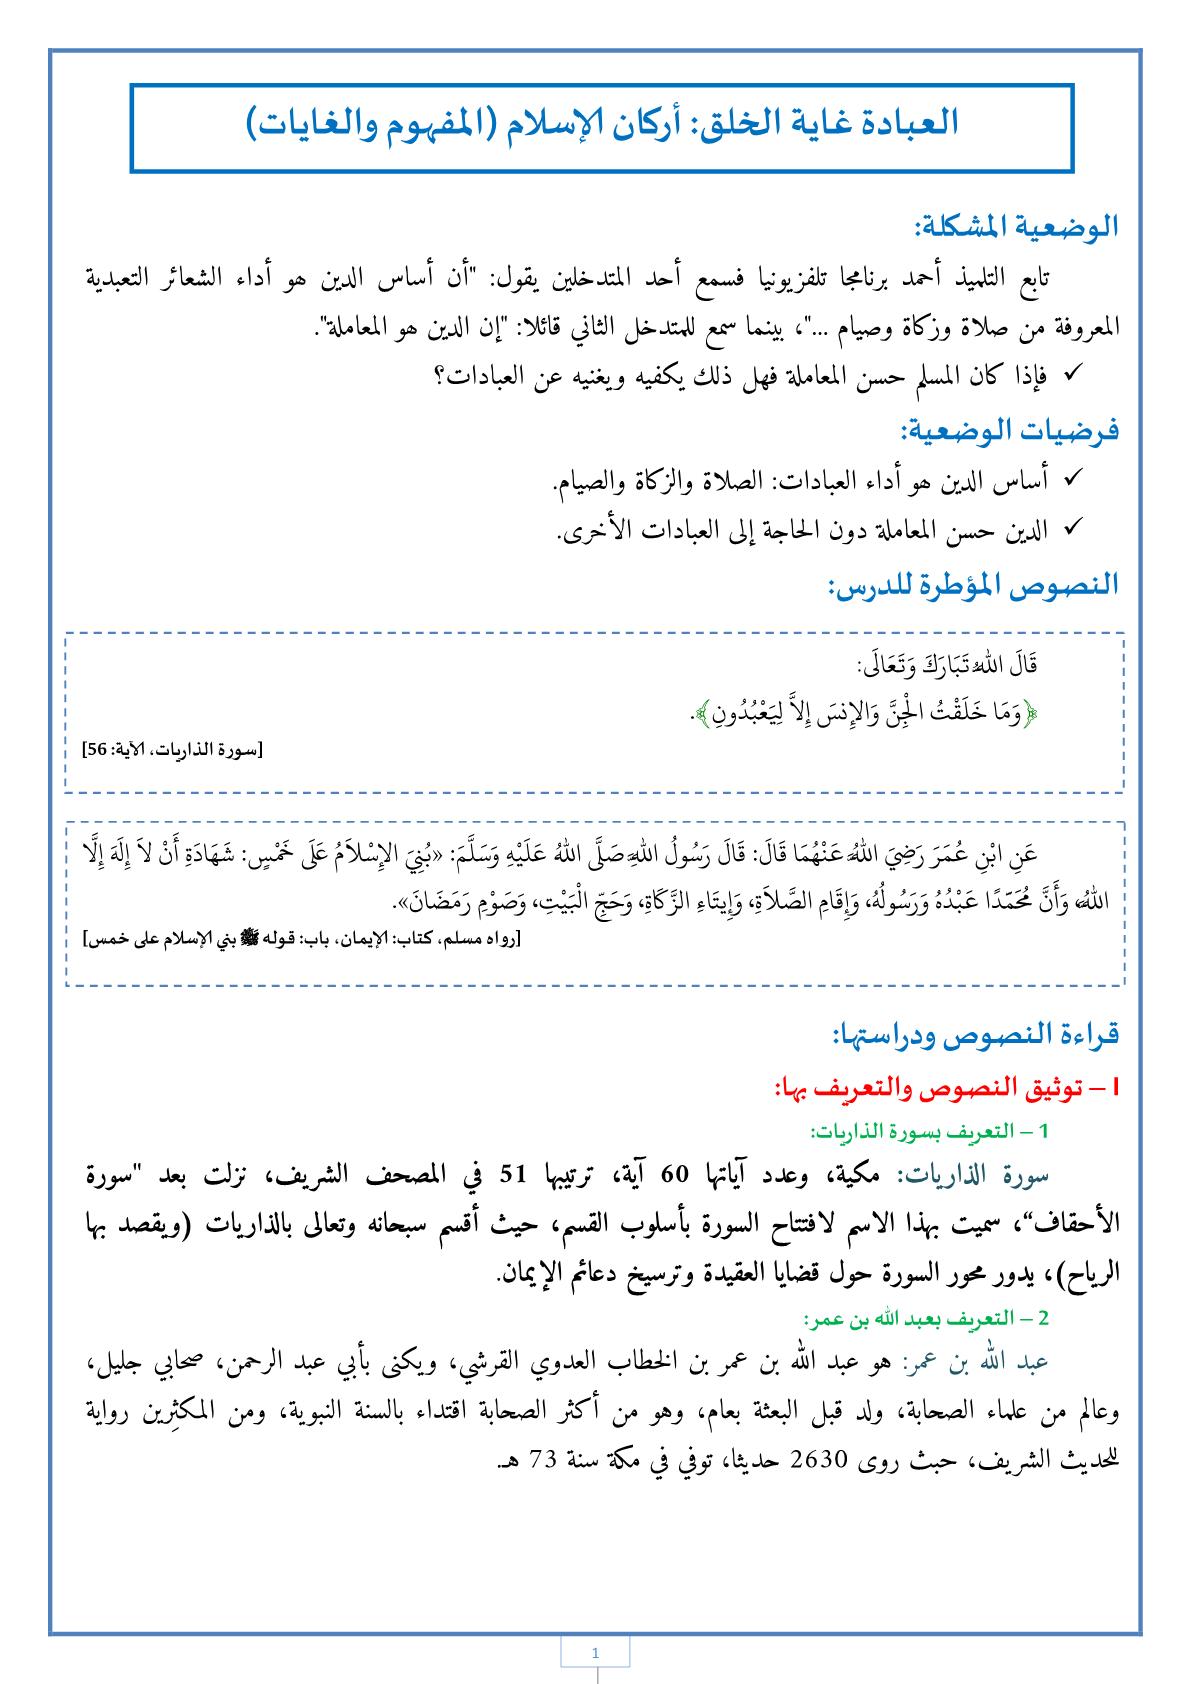 درس العبادة غاية الخلق ركان الإسلام المفهوم والغايات للسنة الأولى إعدادي